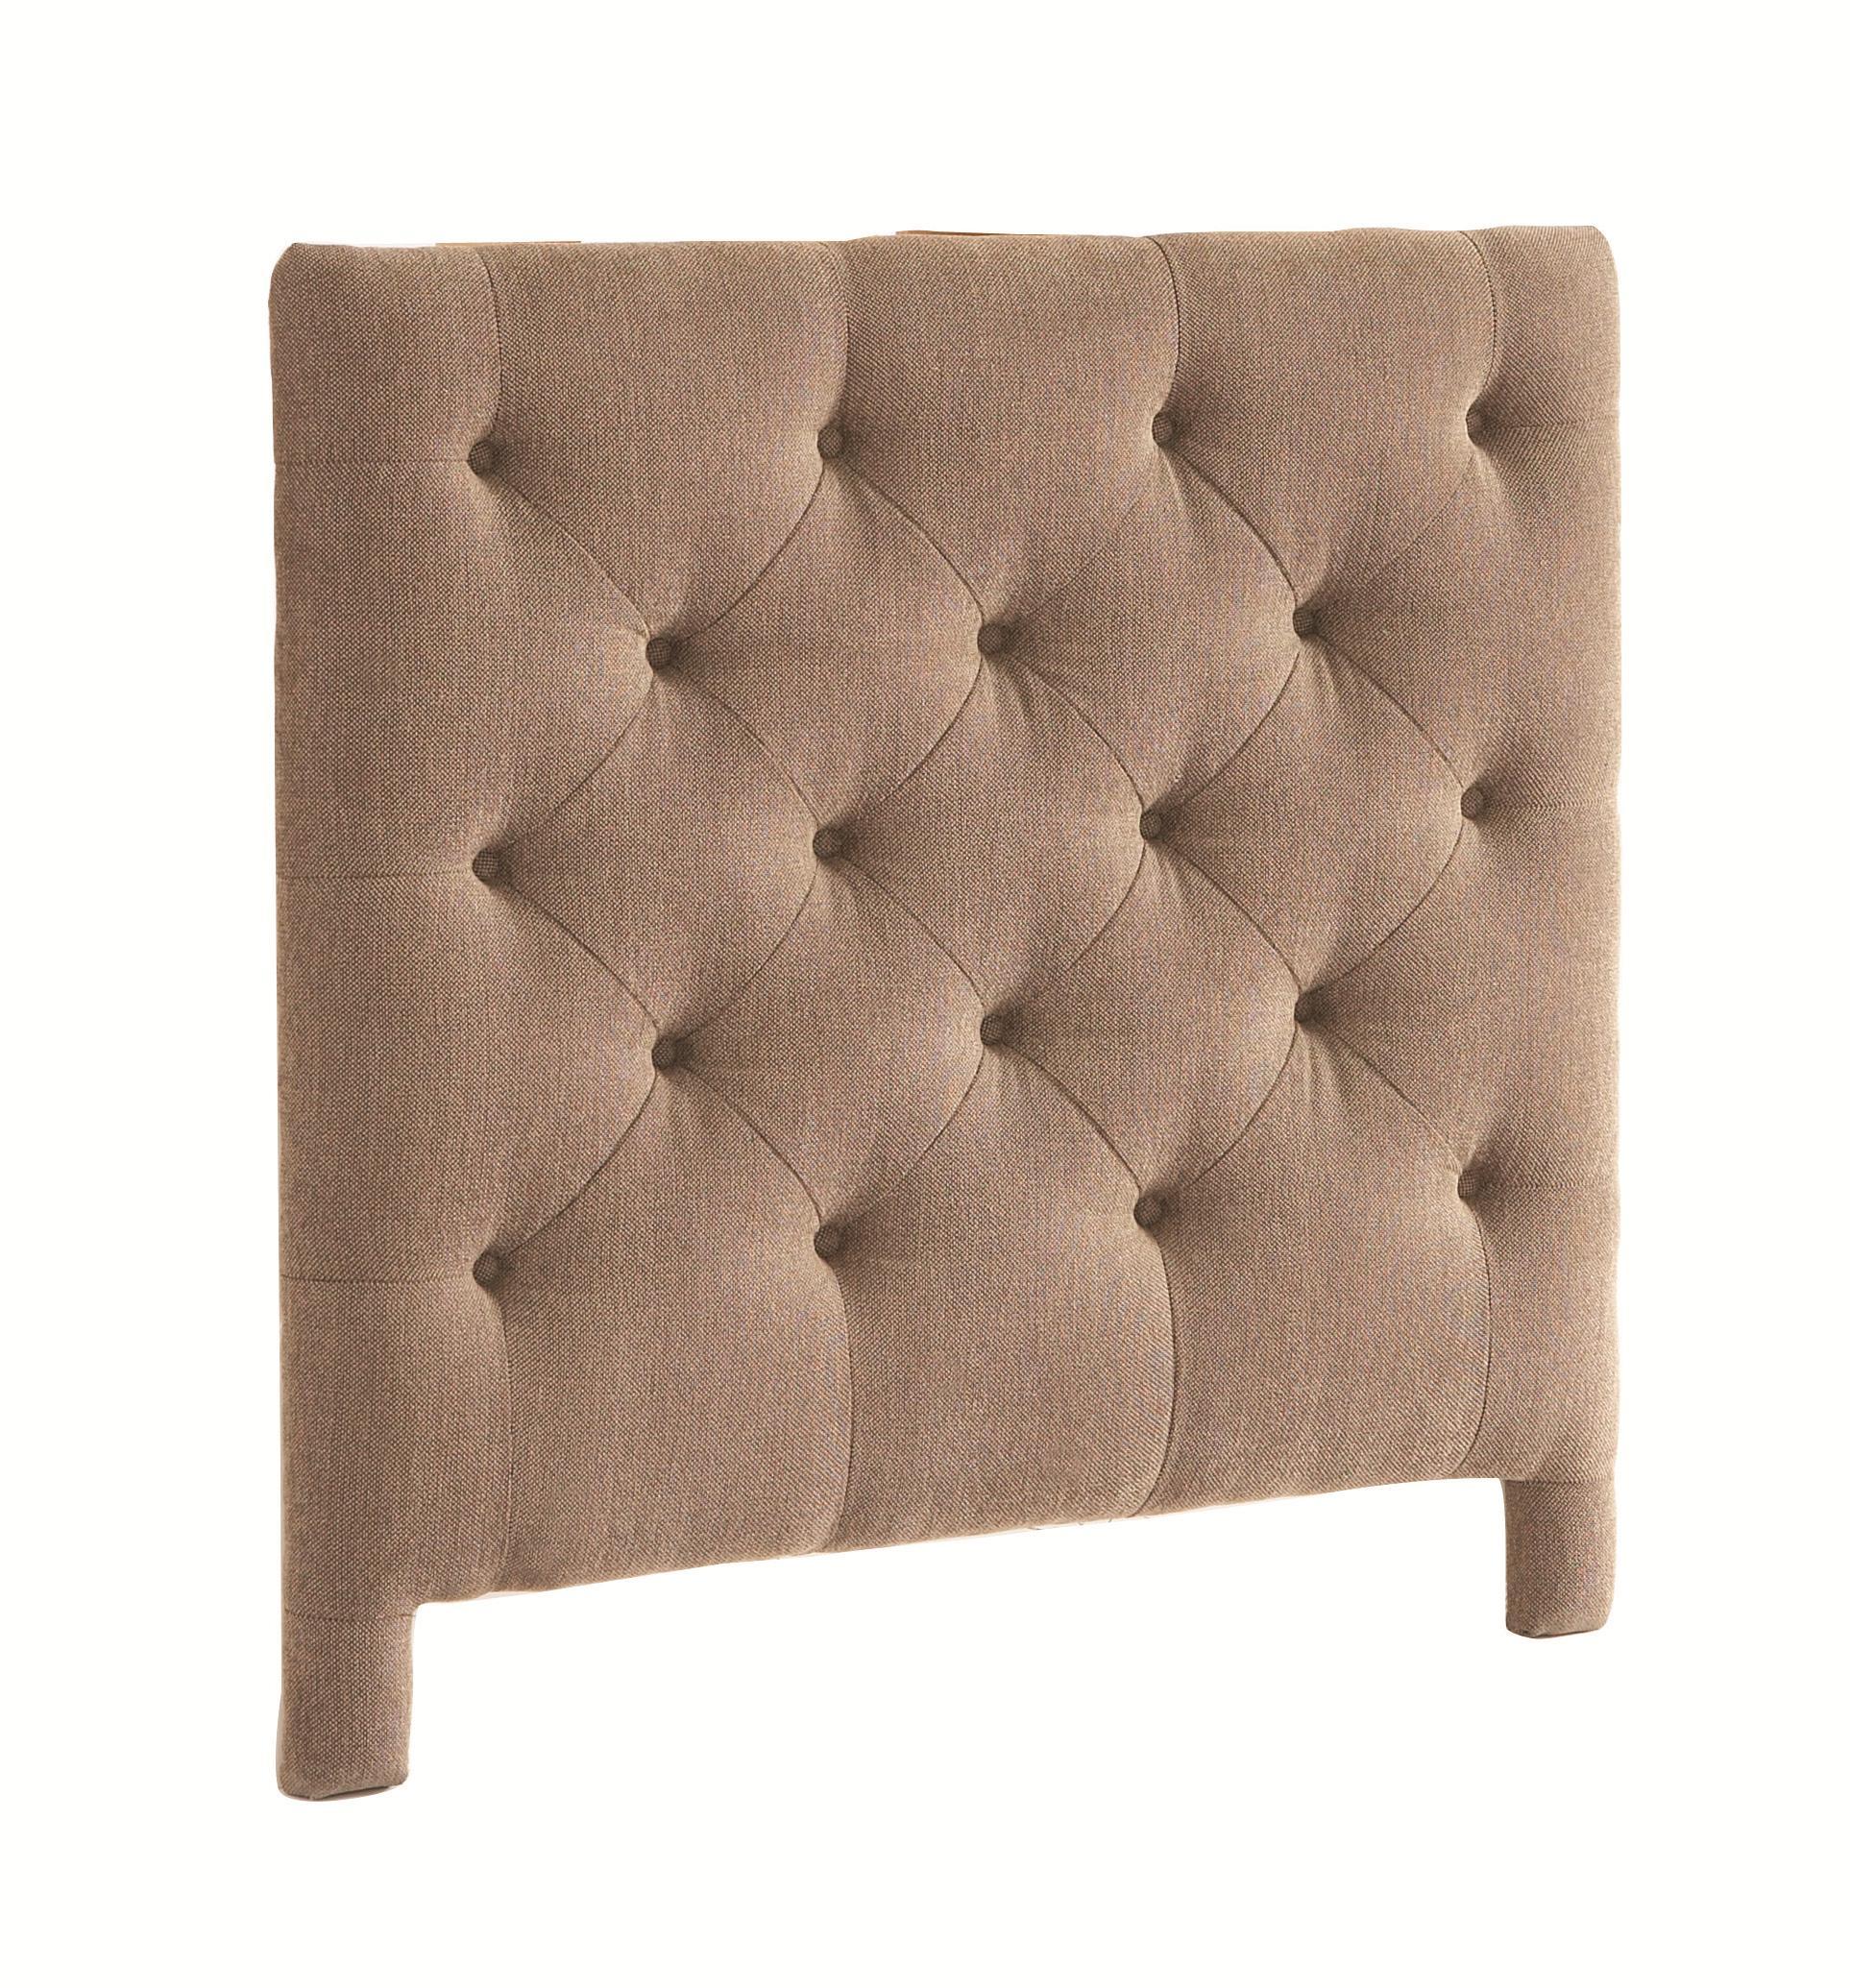 Bassett custom upholstered beds king manhattan upholstered headboard great american home store - Custom headboard ...